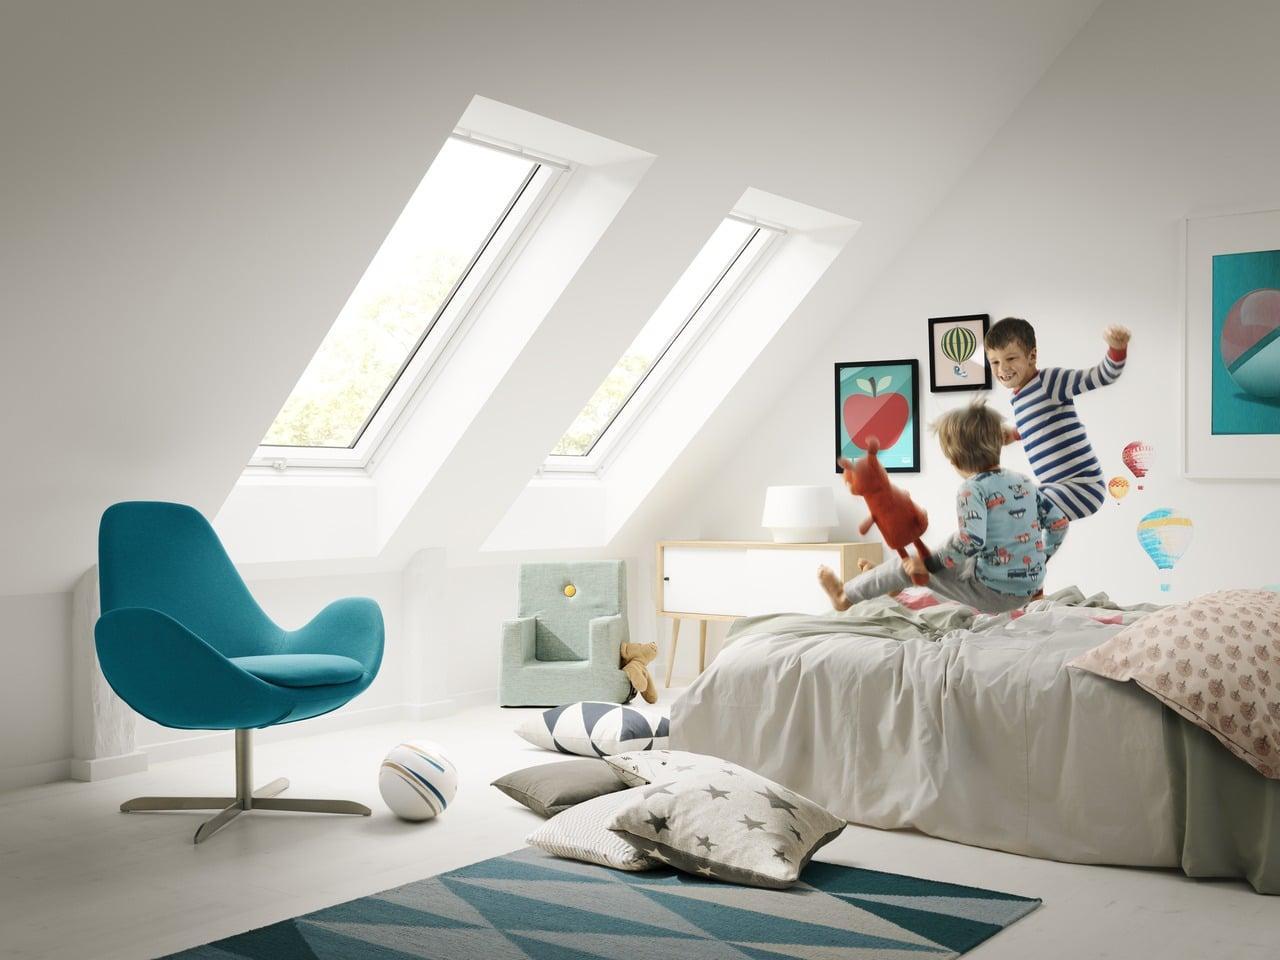 Дитяча кімната в мансарді Как превратить мансарду площадью 20м² в уютную детскую комнату с двумя кроватями?